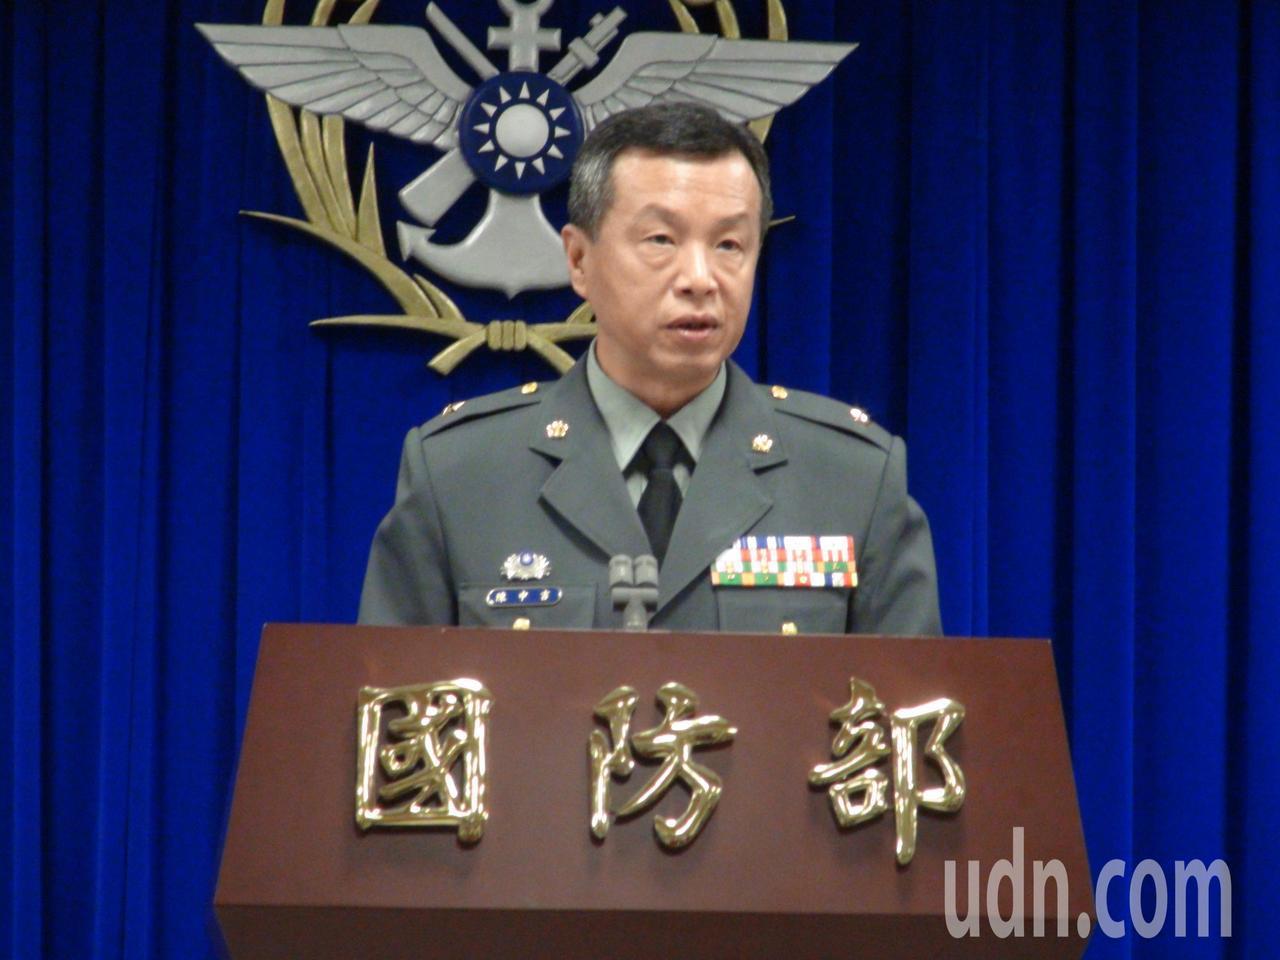 國防部上午舉行例行記者會,公布這「新式高教機-你我來命名」網路徵選活動,網路徵選...